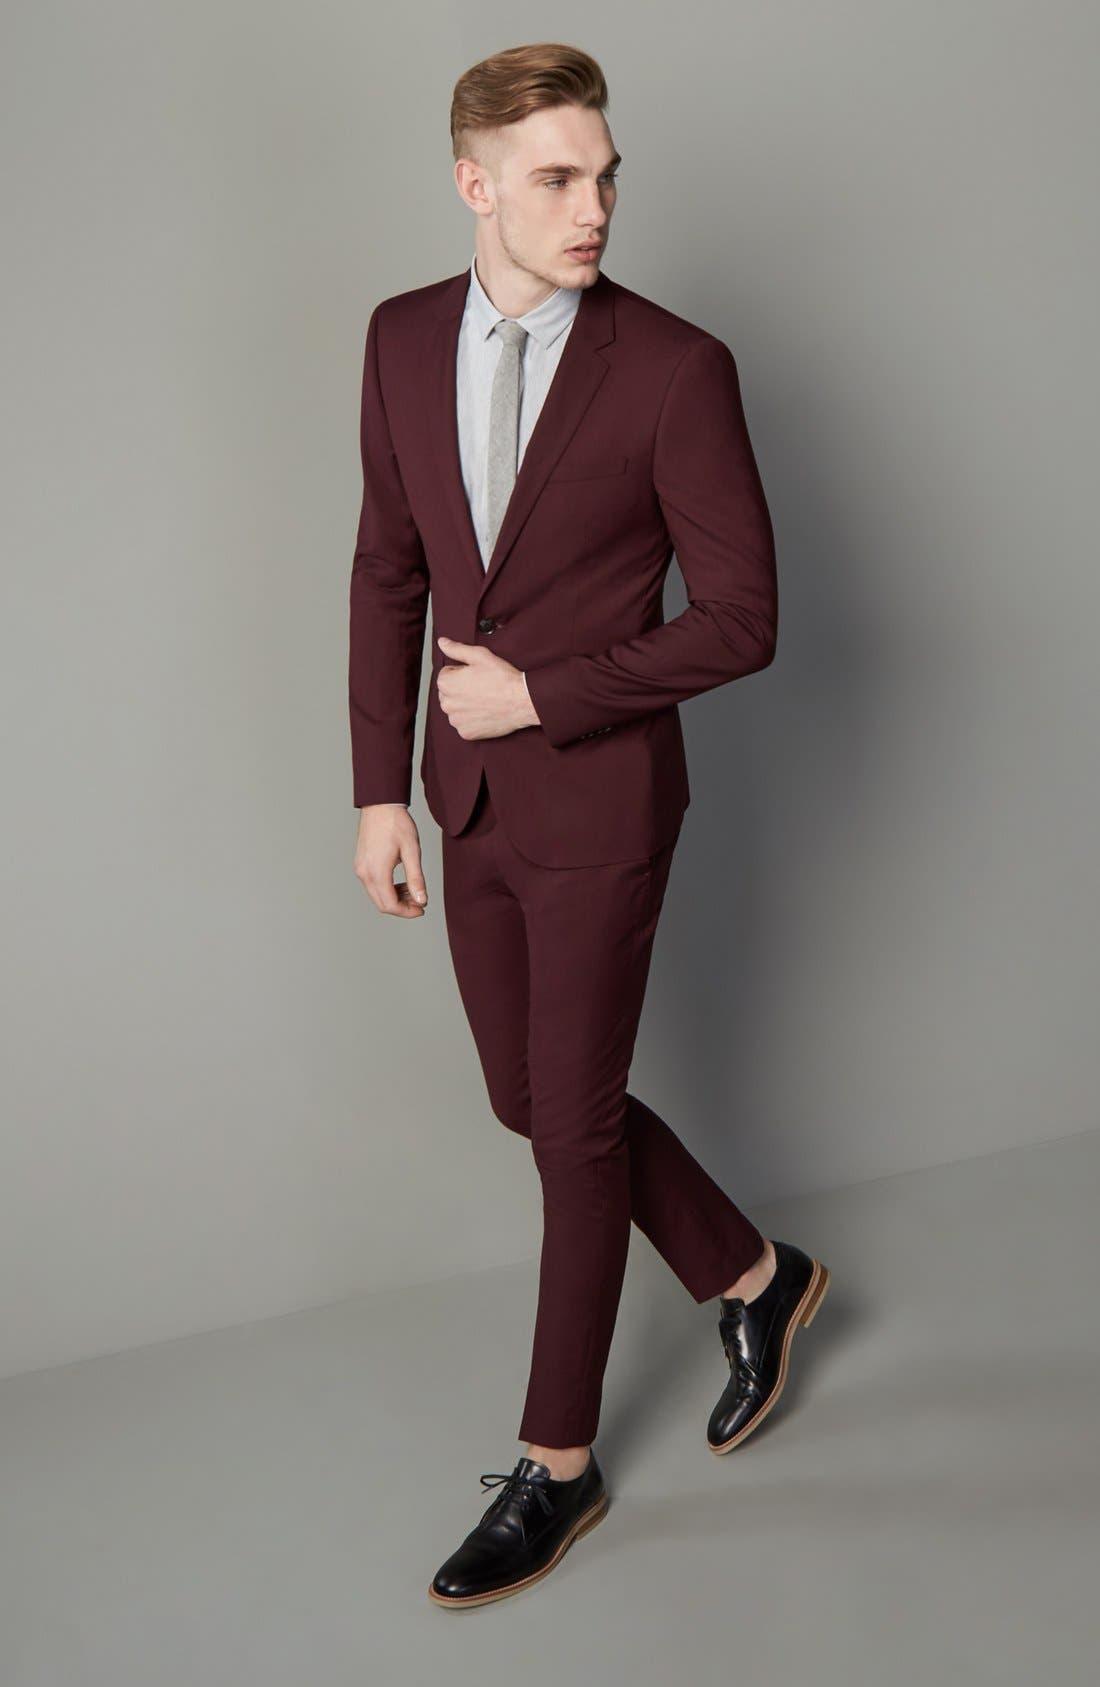 Burgundy Slim Fit Suit Jacket,                             Alternate thumbnail 6, color,                             930